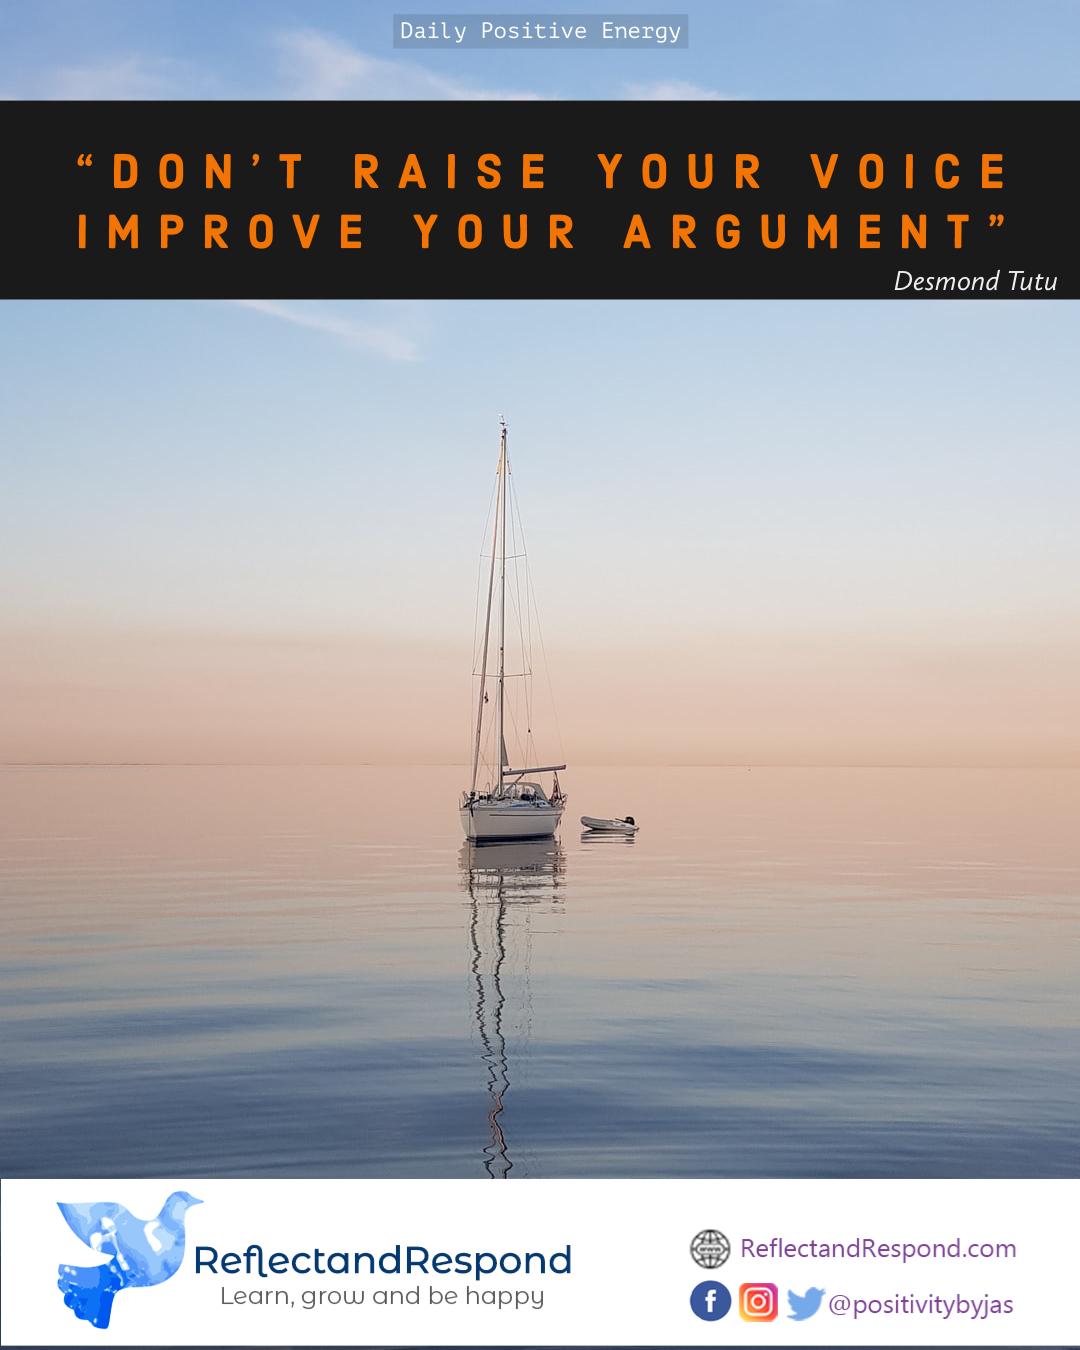 Don't raise your voice, improve your argument ...